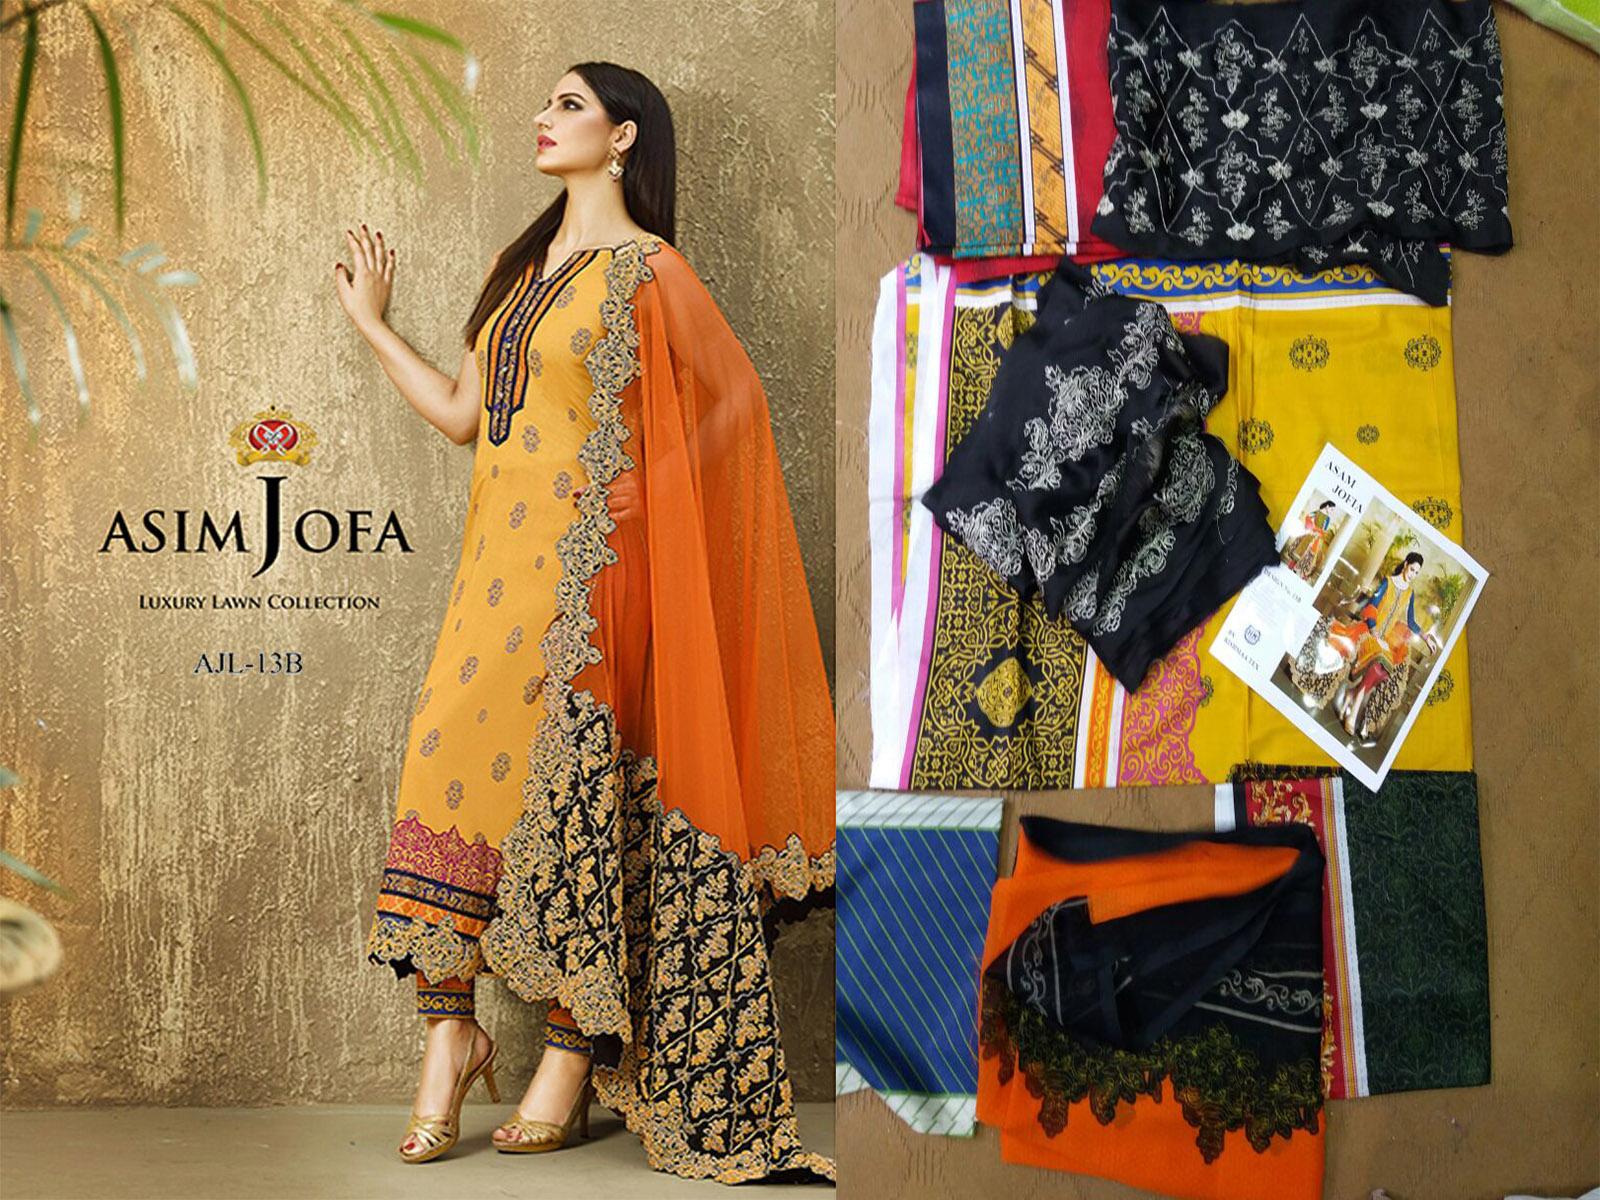 b1461a5dc4 Buy Asim jofa 13 A B available in lawn fabric with chiffon dupatta ...